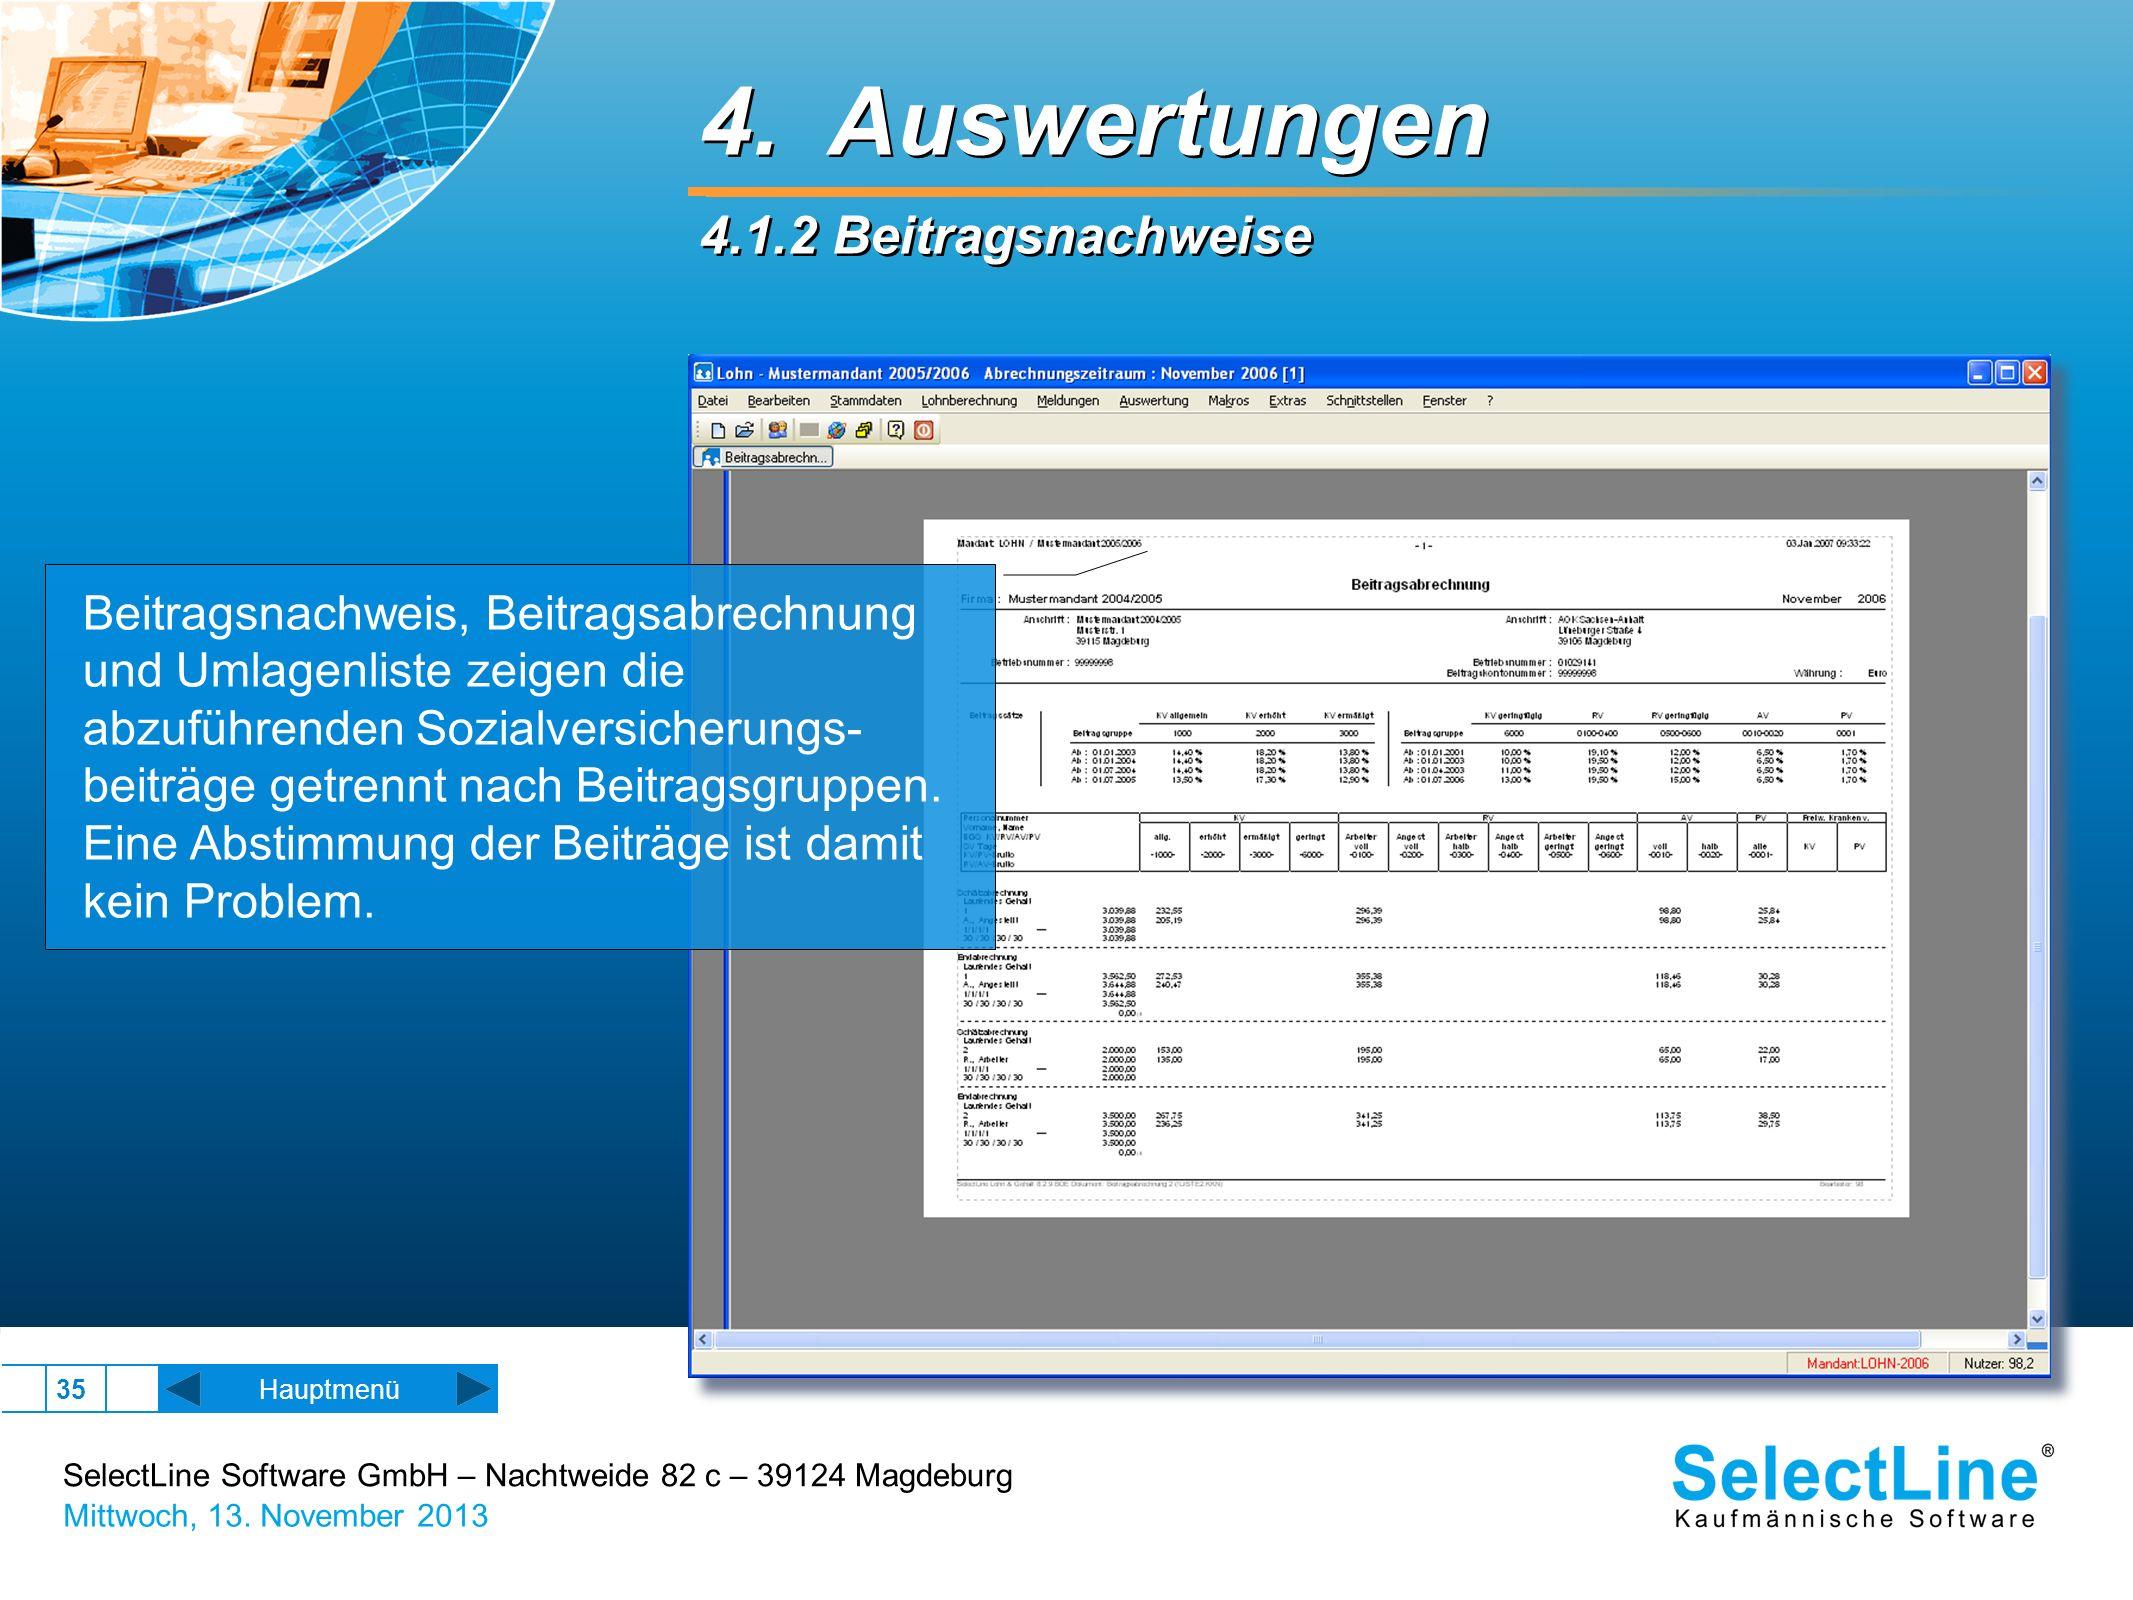 SelectLine Software GmbH – Nachtweide 82 c – 39124 Magdeburg Mittwoch, 13. November 2013 35 Hauptmenü 4. Auswertungen 4.1.2 Beitragsnachweise 4. Auswe